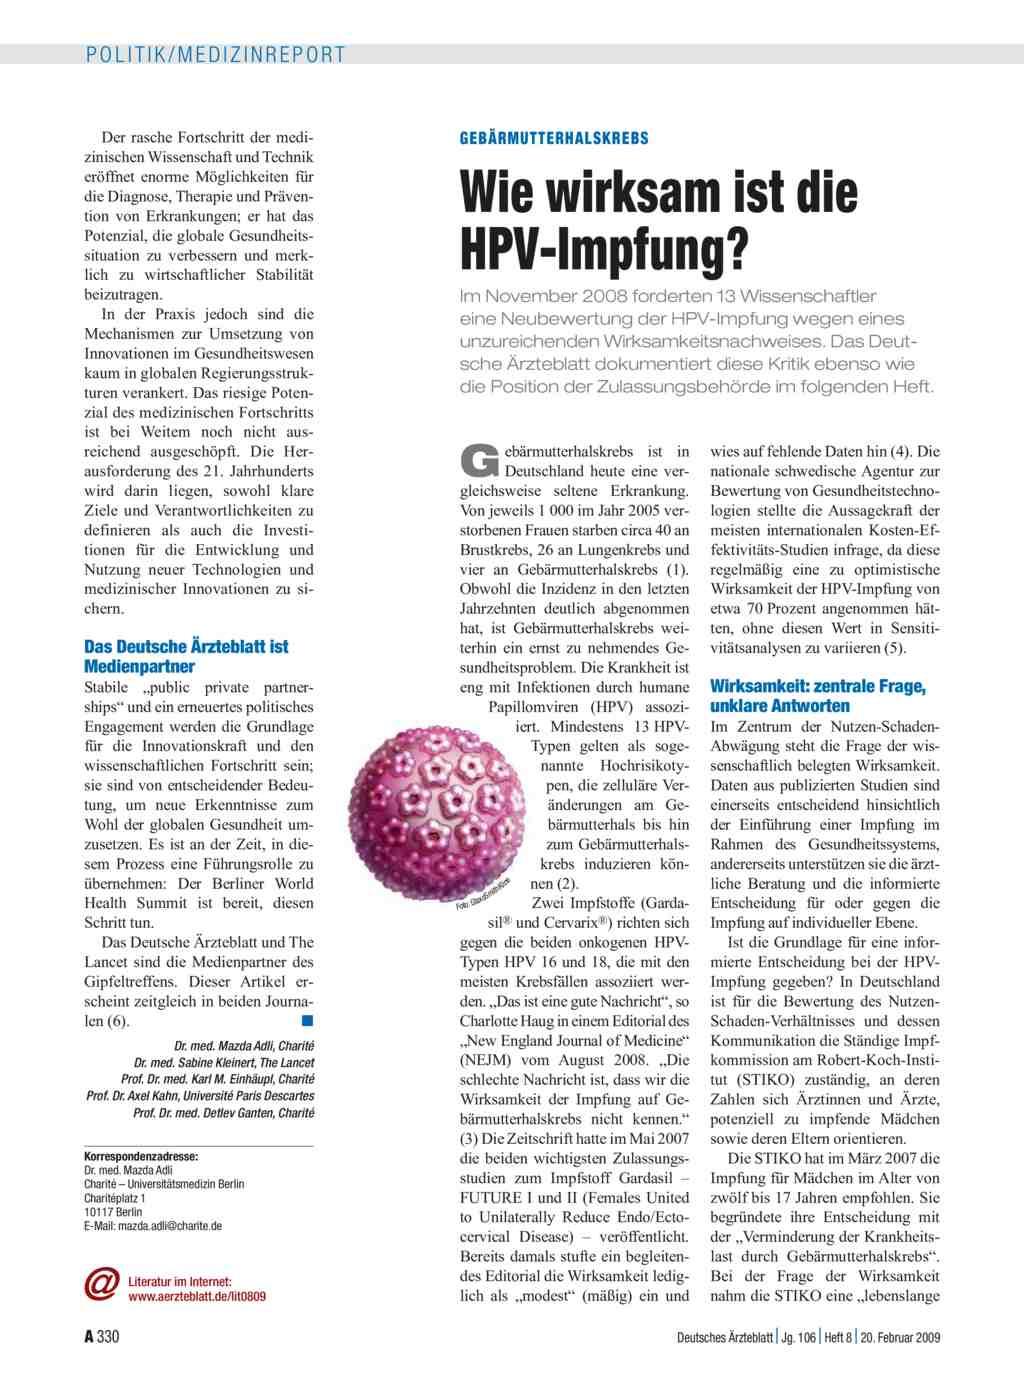 hpv impfung frauen uber 40 que es el virus del papiloma humano quiero saber